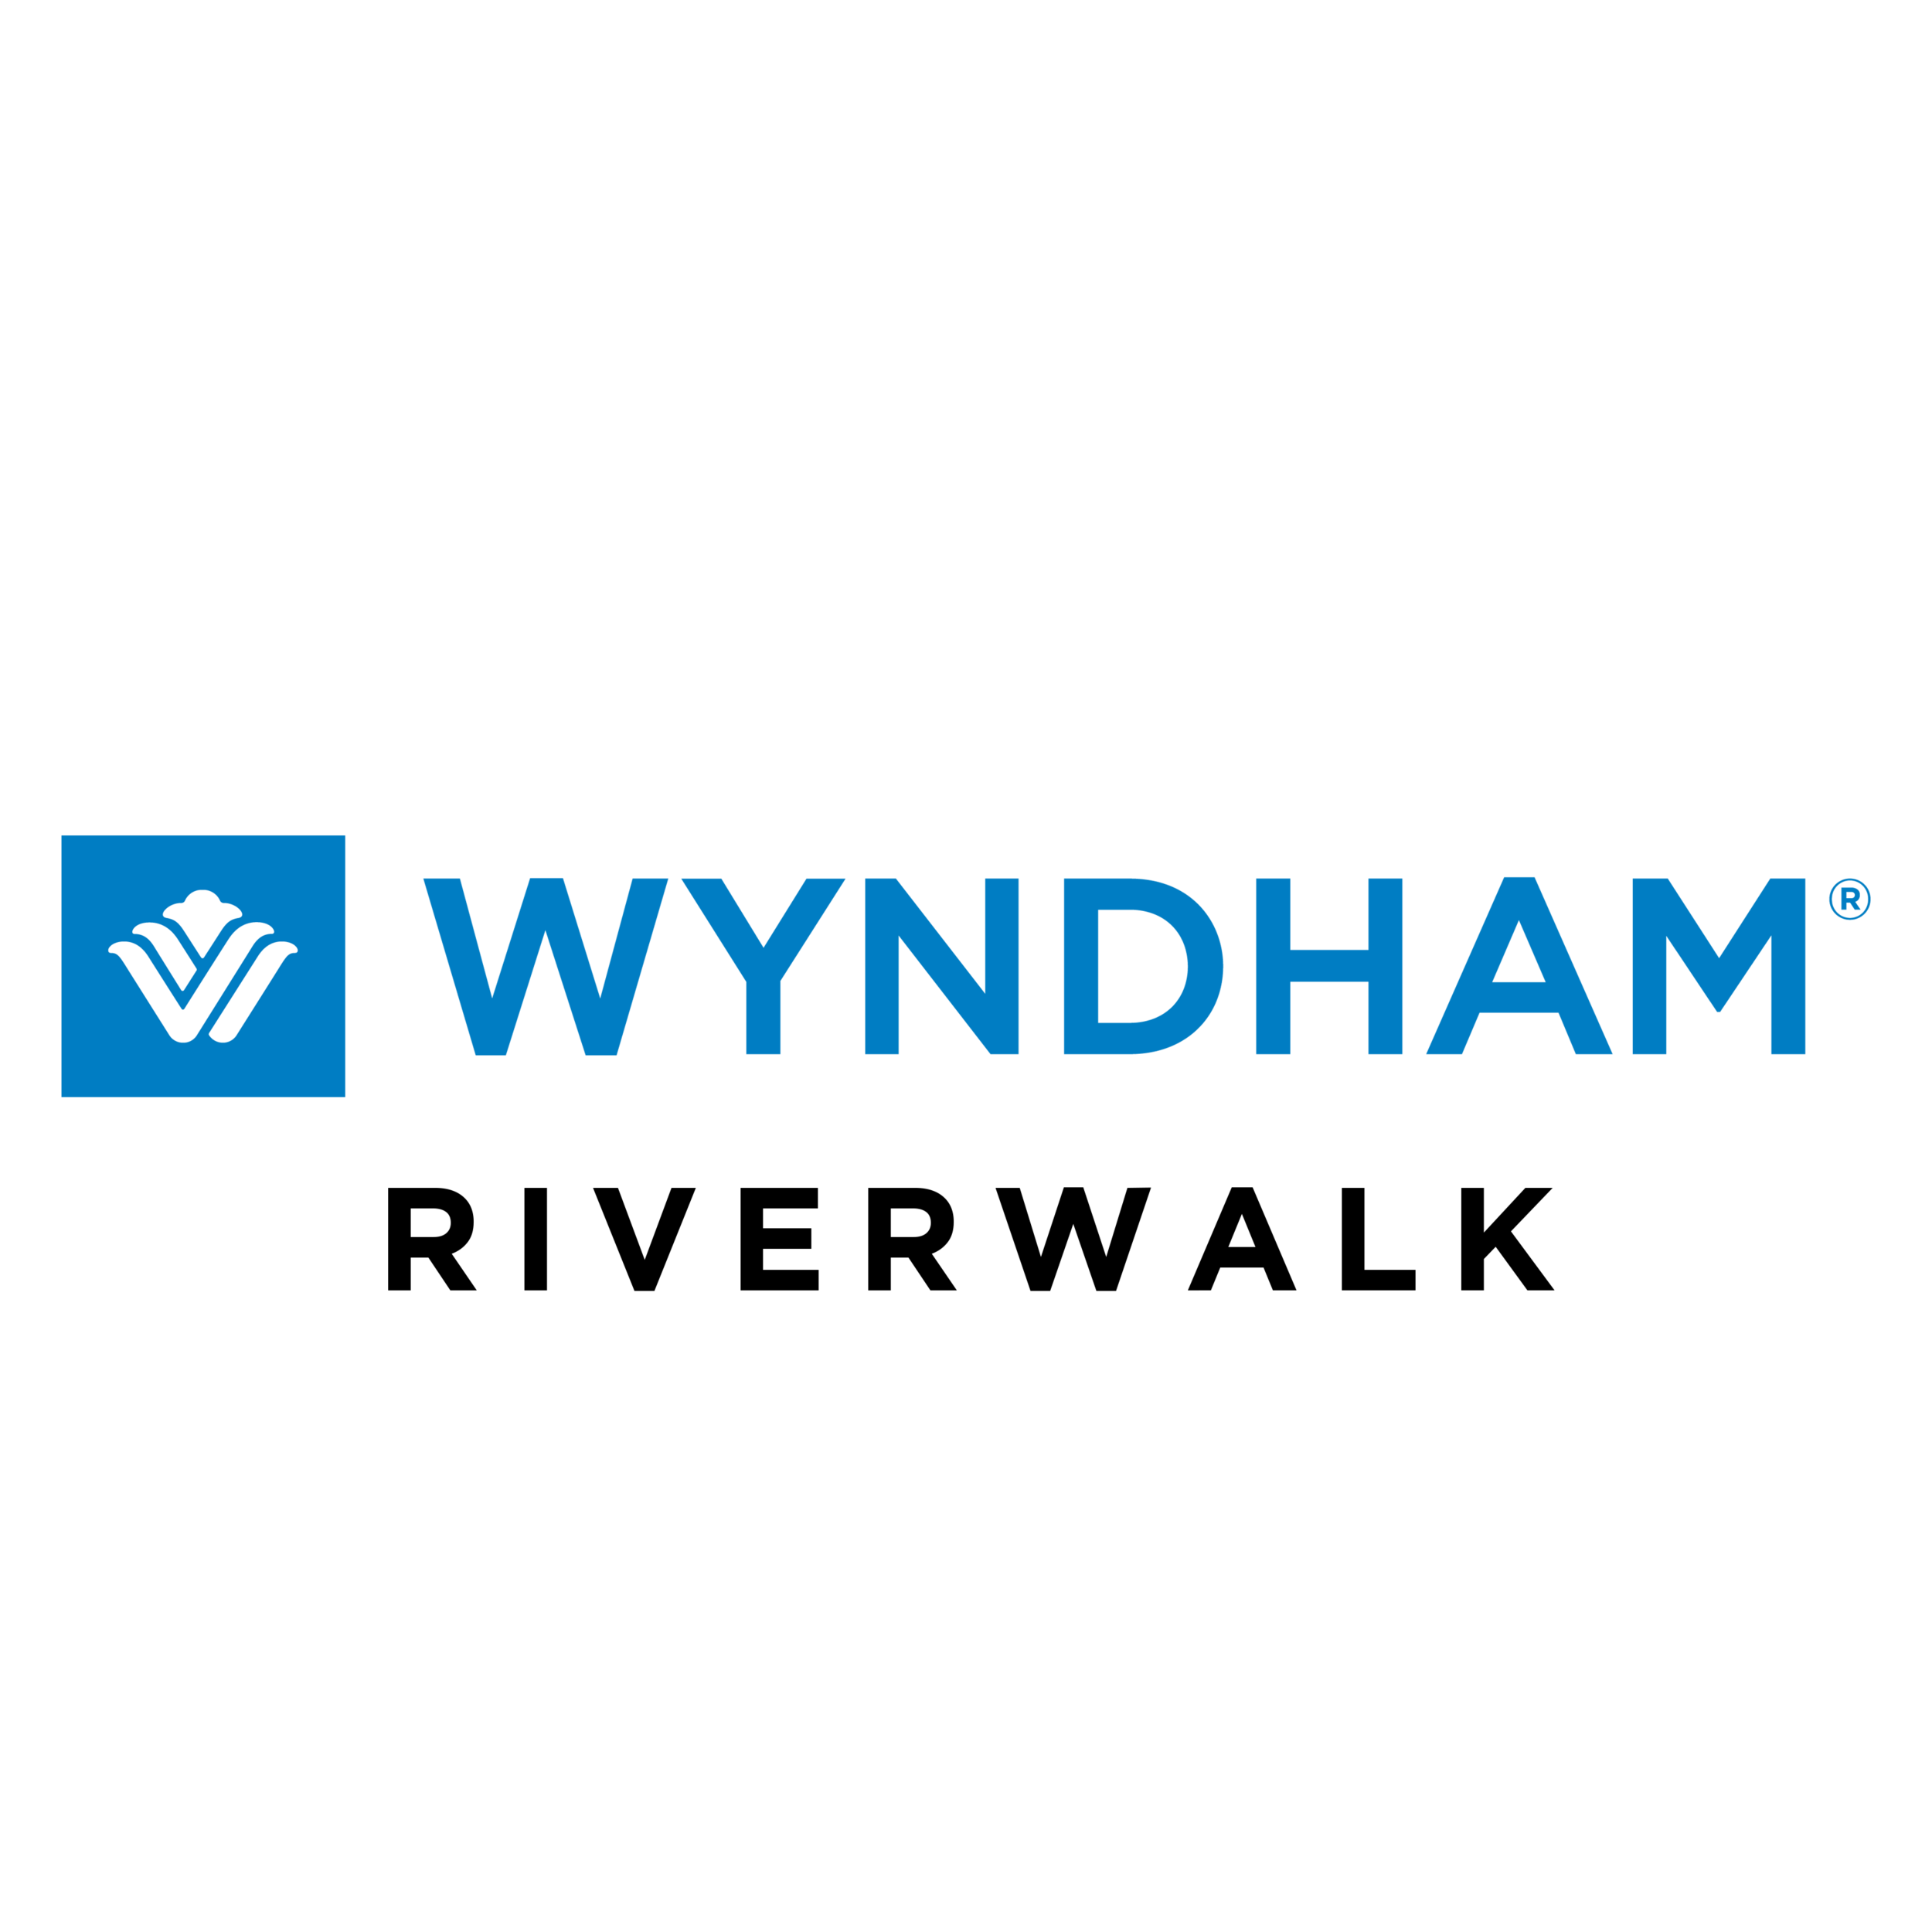 wyndham-hotels-logo-color.png